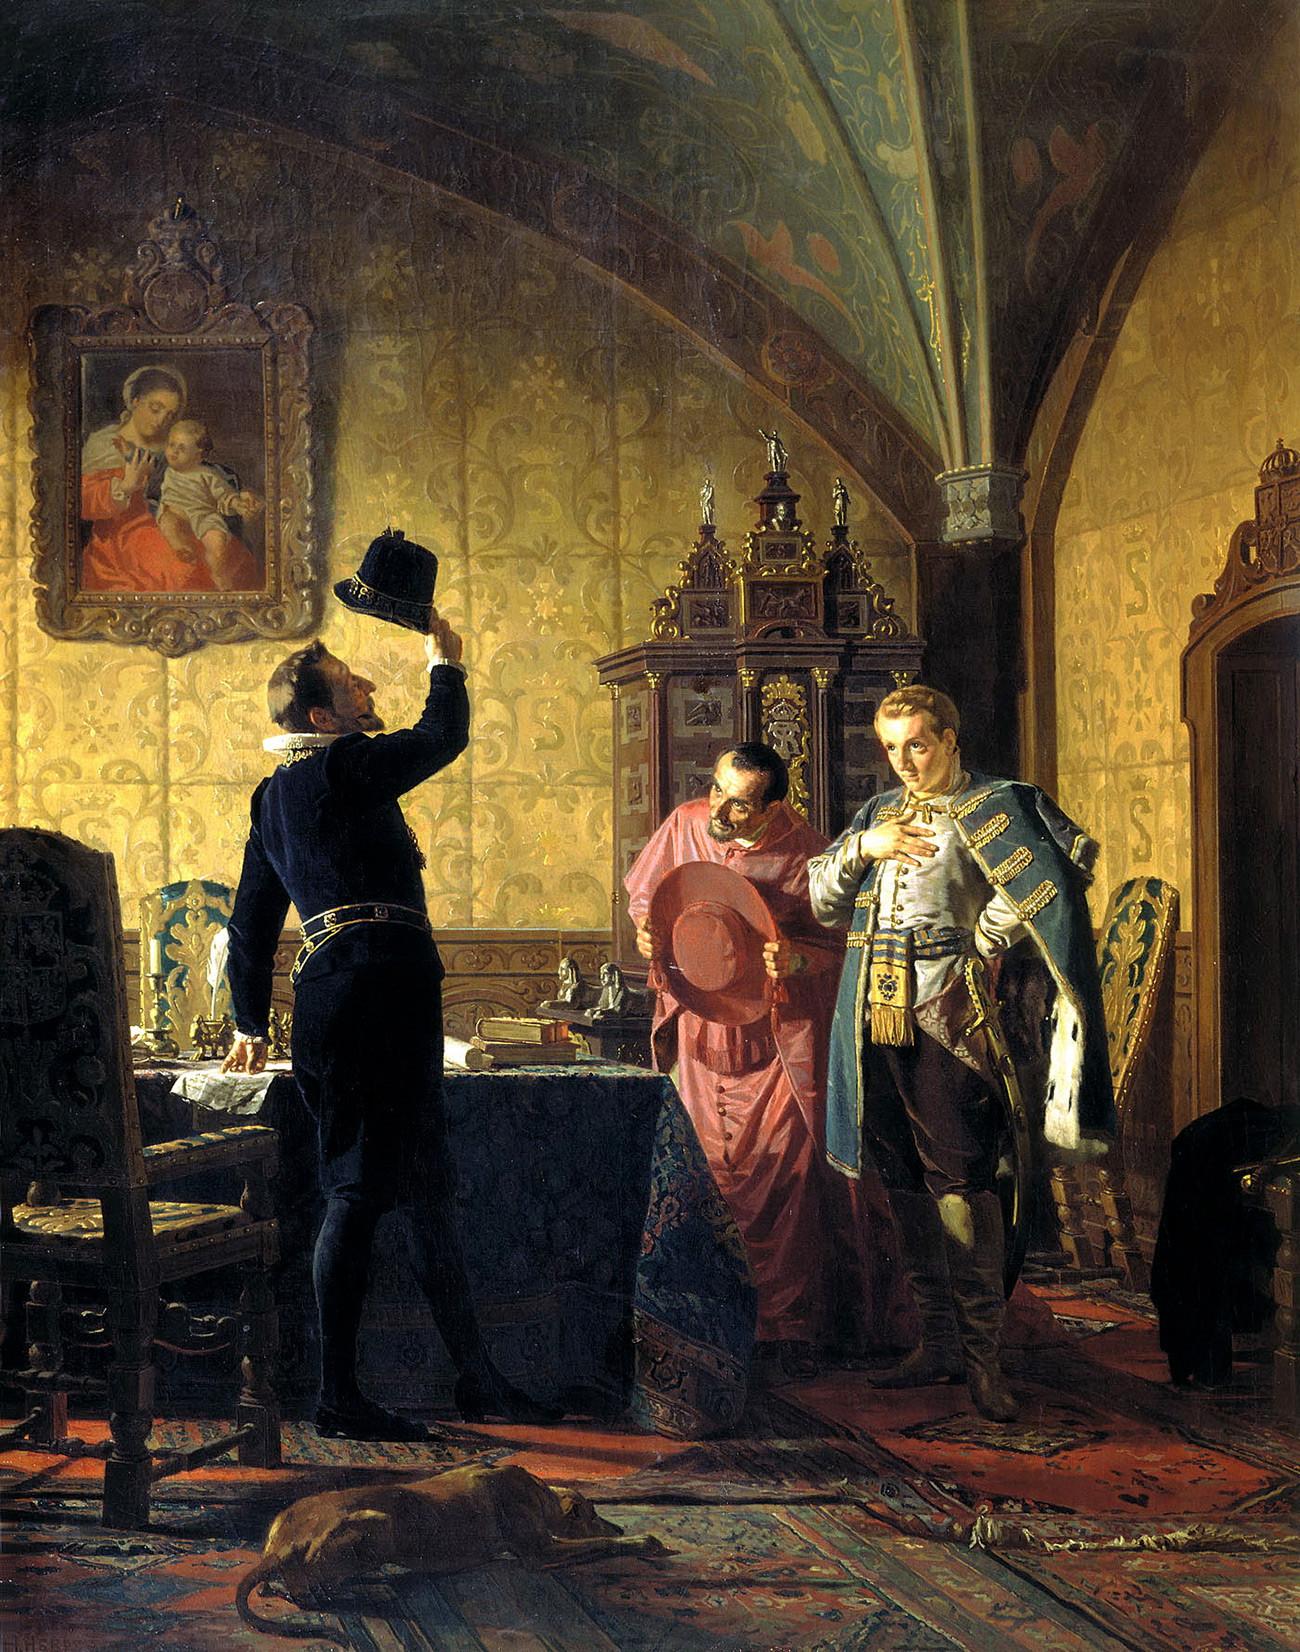 """Лажниот Дмитриј Први му ветува на Сигизмунд Трети дека ќе воведе католицизам во Русија. / Саратовски ликовен музеј """"А.Н. Радишчев."""